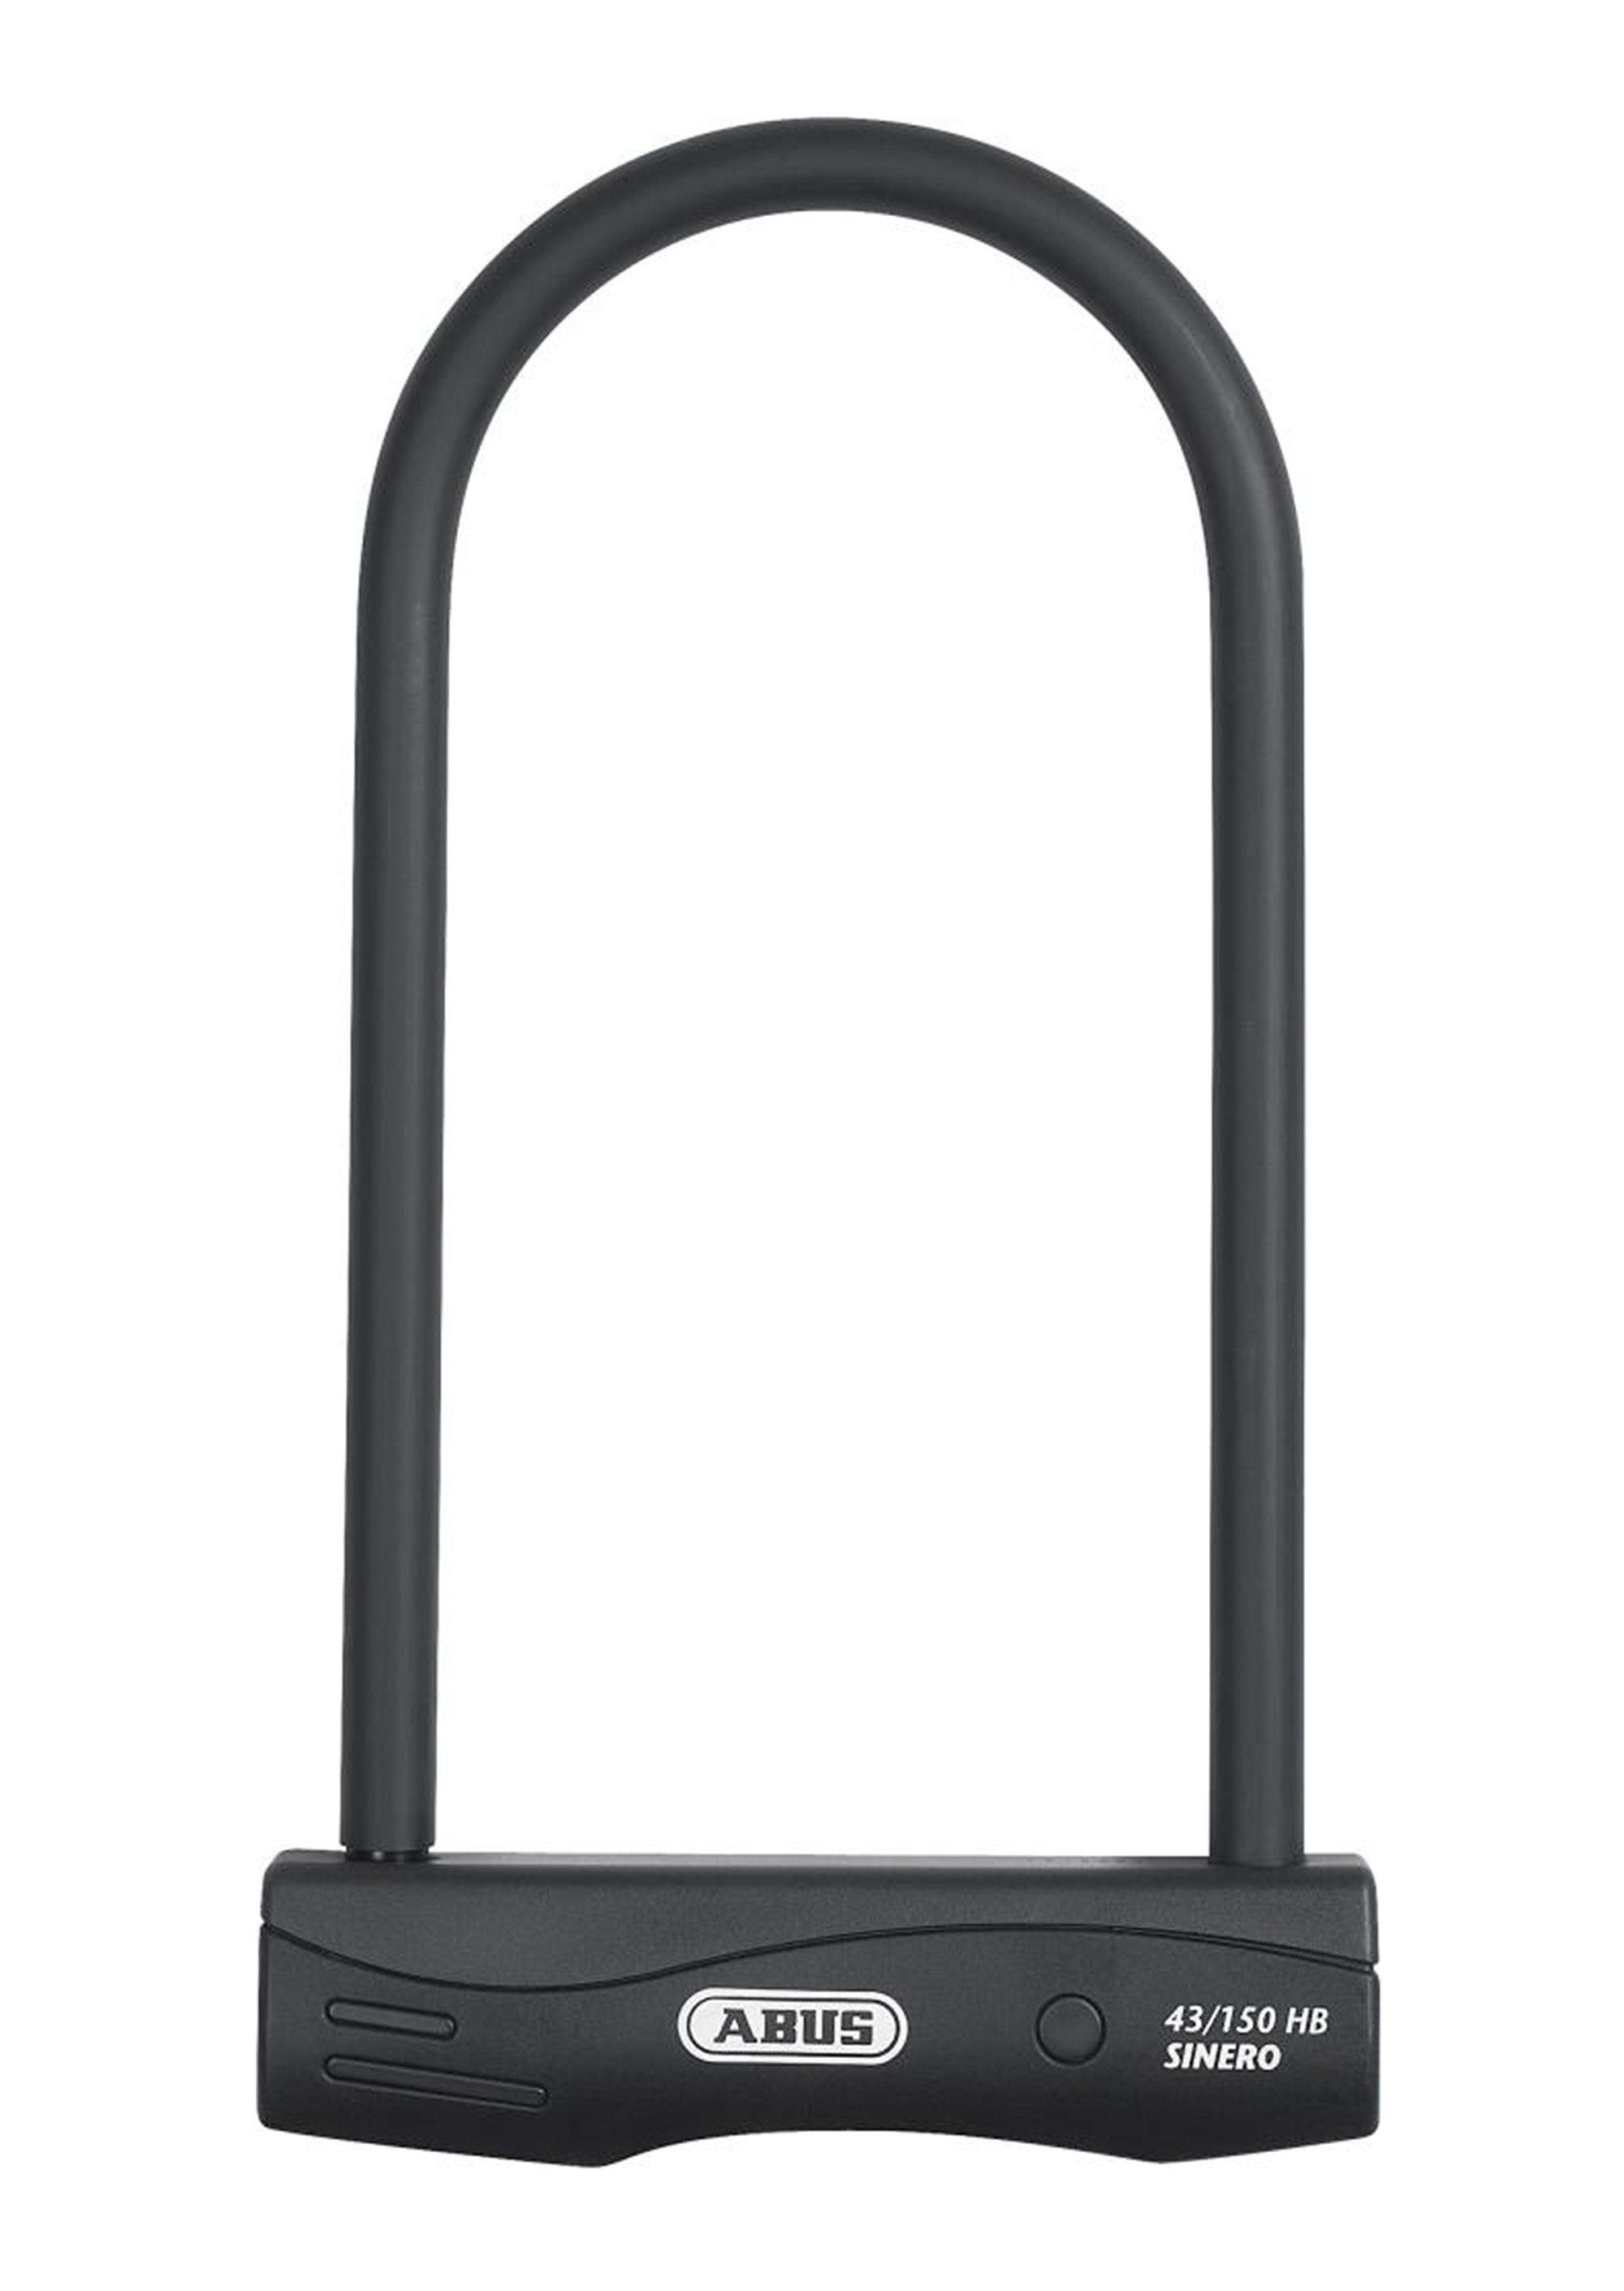 ABUS Bügelschloss »Sinero 43/150HB230/HB300 + USH« (Set, mit Halterung)